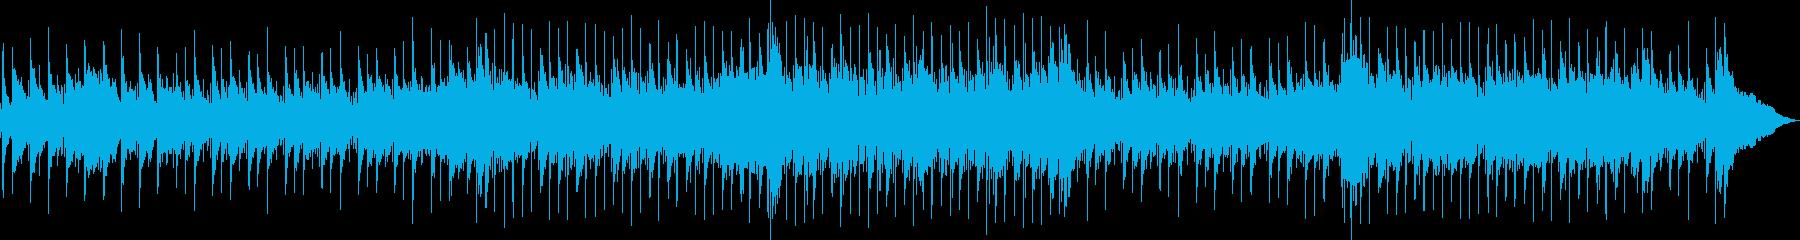 スロー。ピアノバー。ハーモニカの再生済みの波形